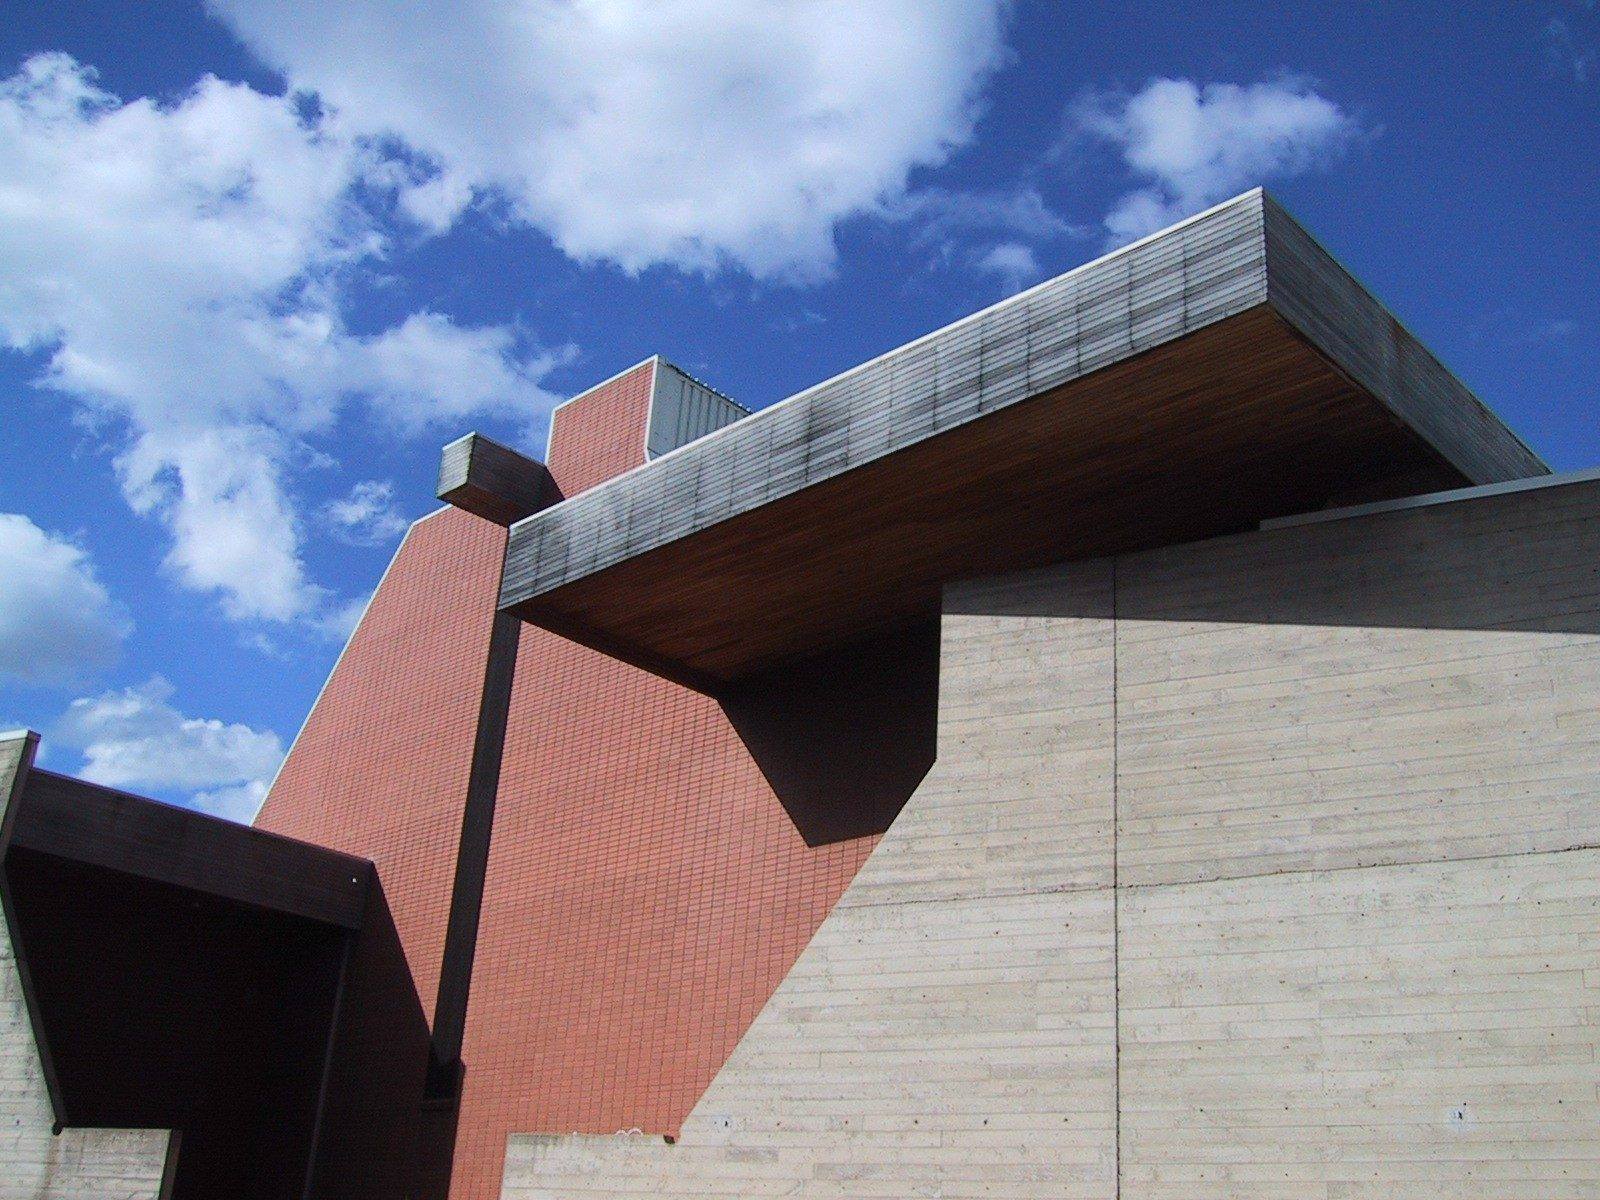 Architect Enrico Taglietti. Photo: Martin Miles